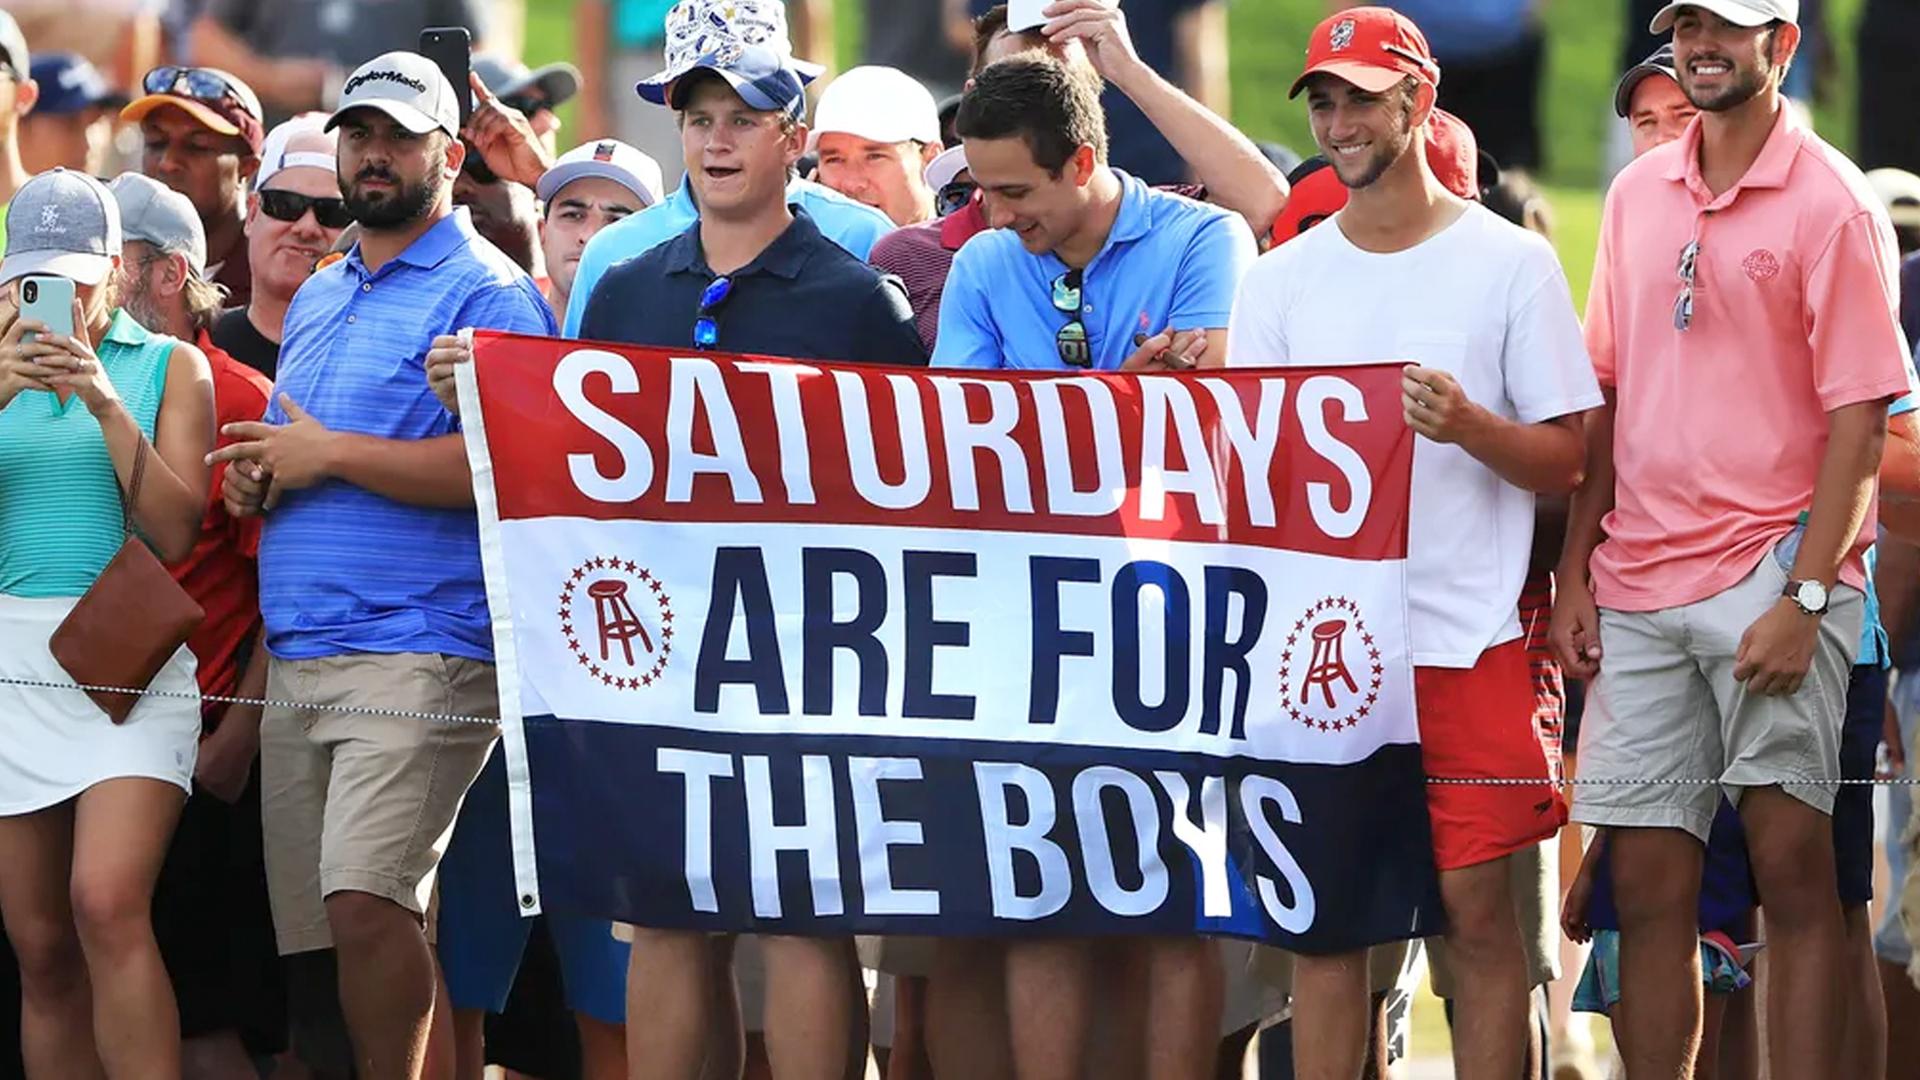 saturdays are for the boys flag frat boys